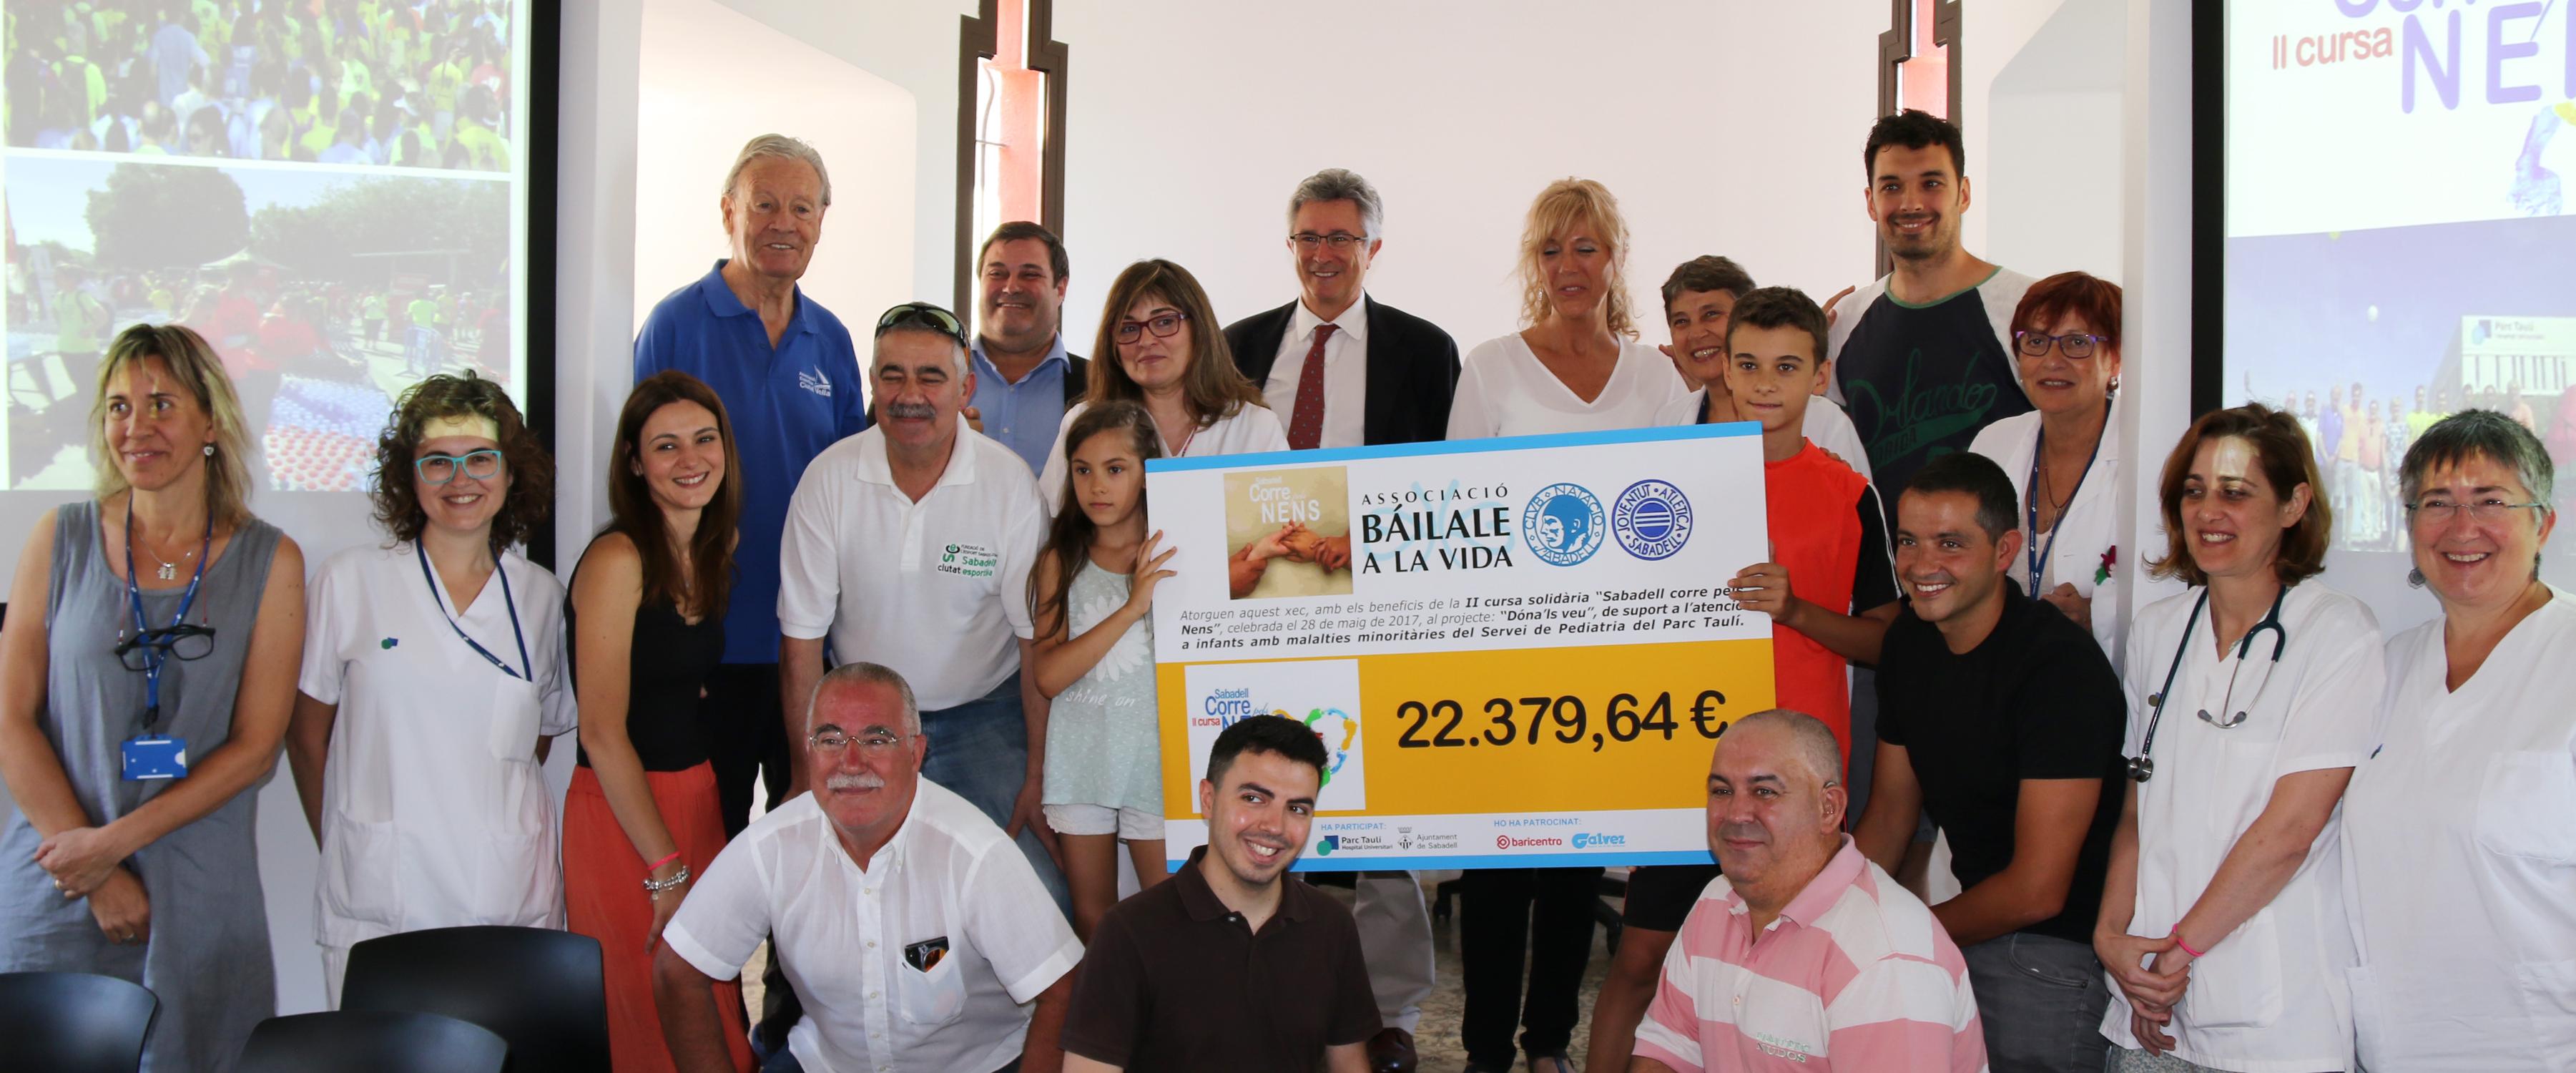 """La cursa solidària """"Sabadell Corre pels Nens"""" destina 22.380 € a benefici dels infants amb malalties minoritàries del Parc Taulí"""